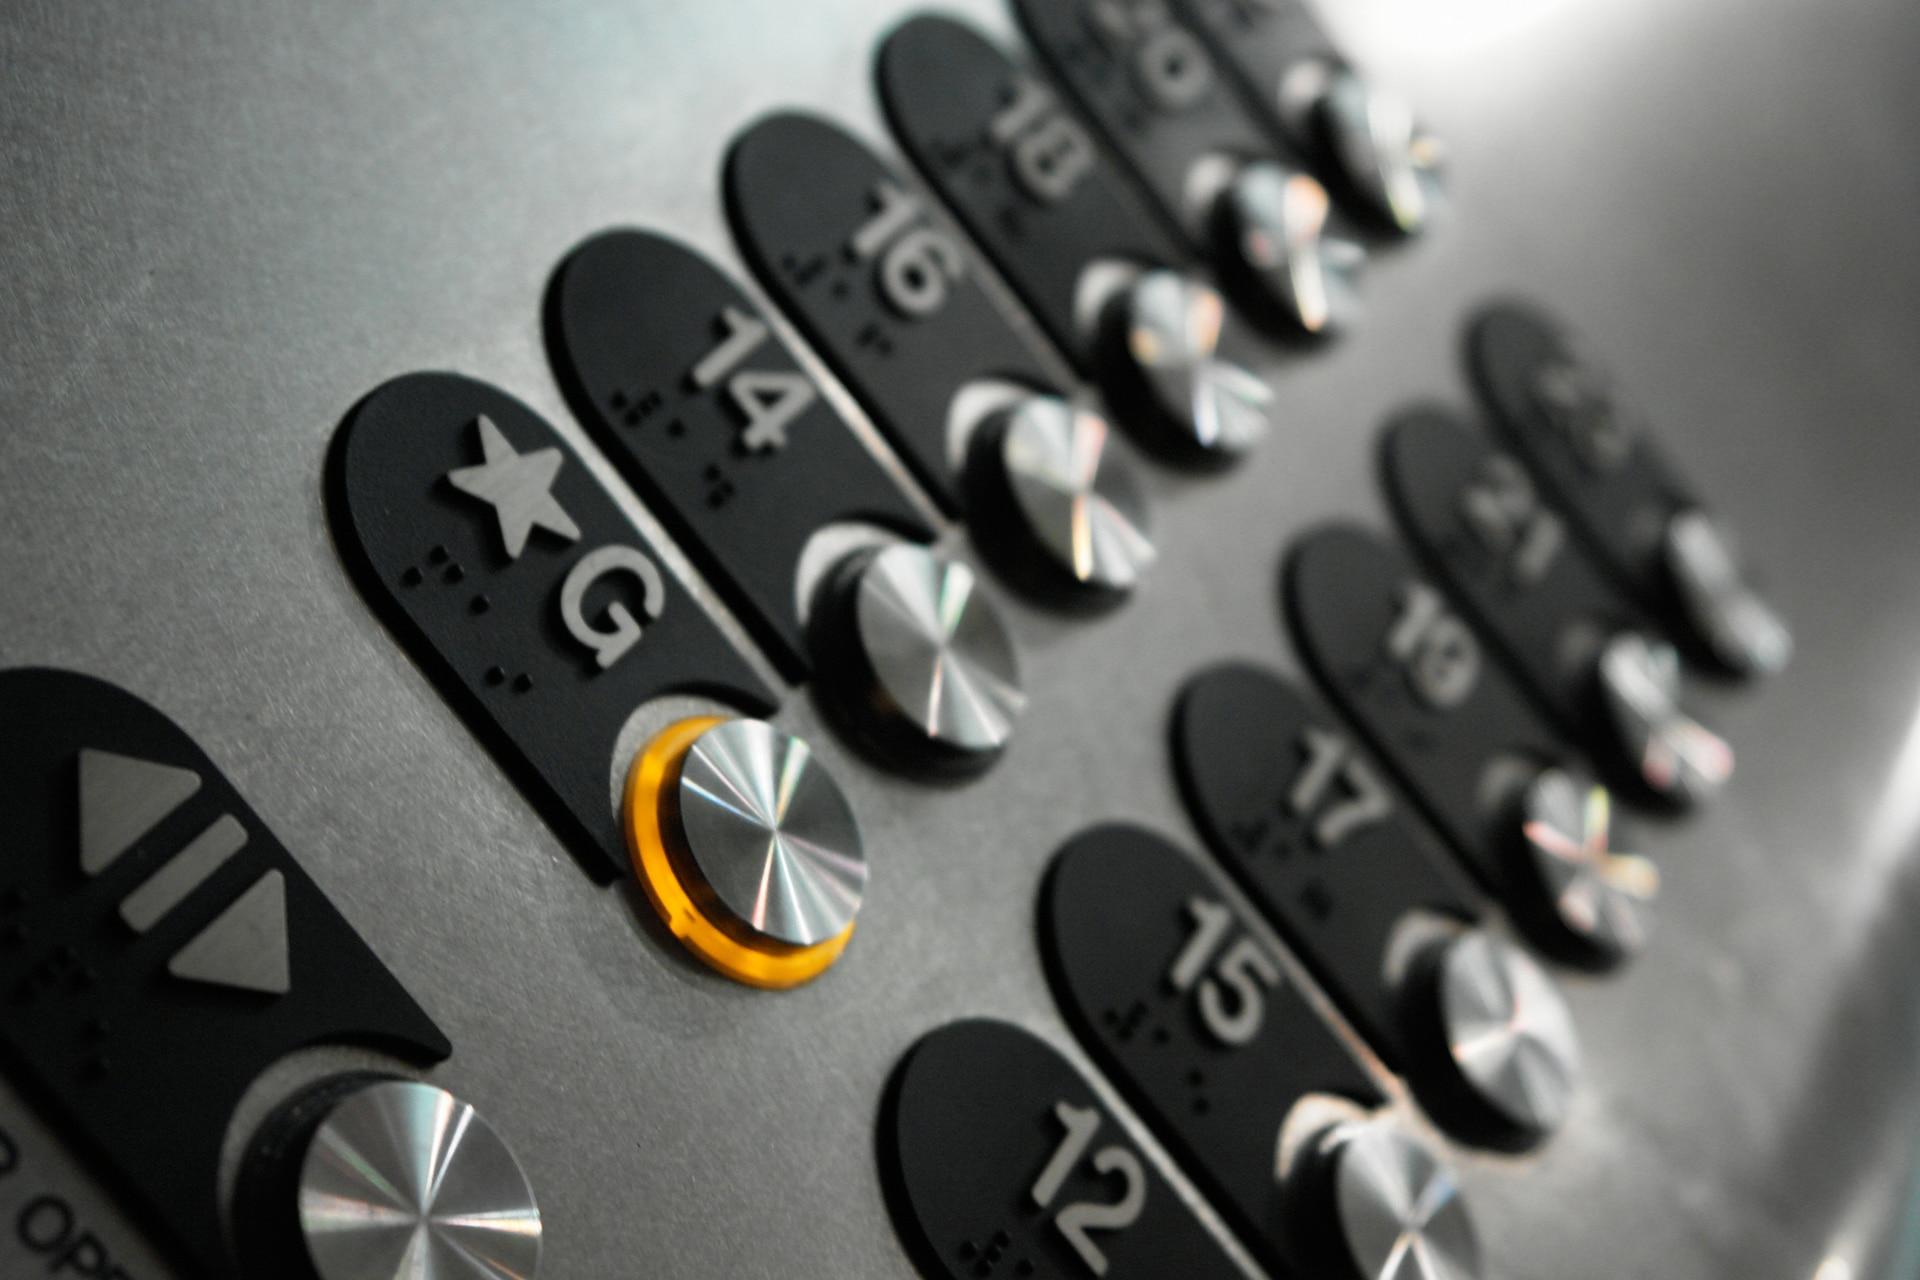 Ascensores manelso, instalación, mantenimiento y reparación de ascensores y elevadores en castellon y valencia. Servicio técnico multimarca